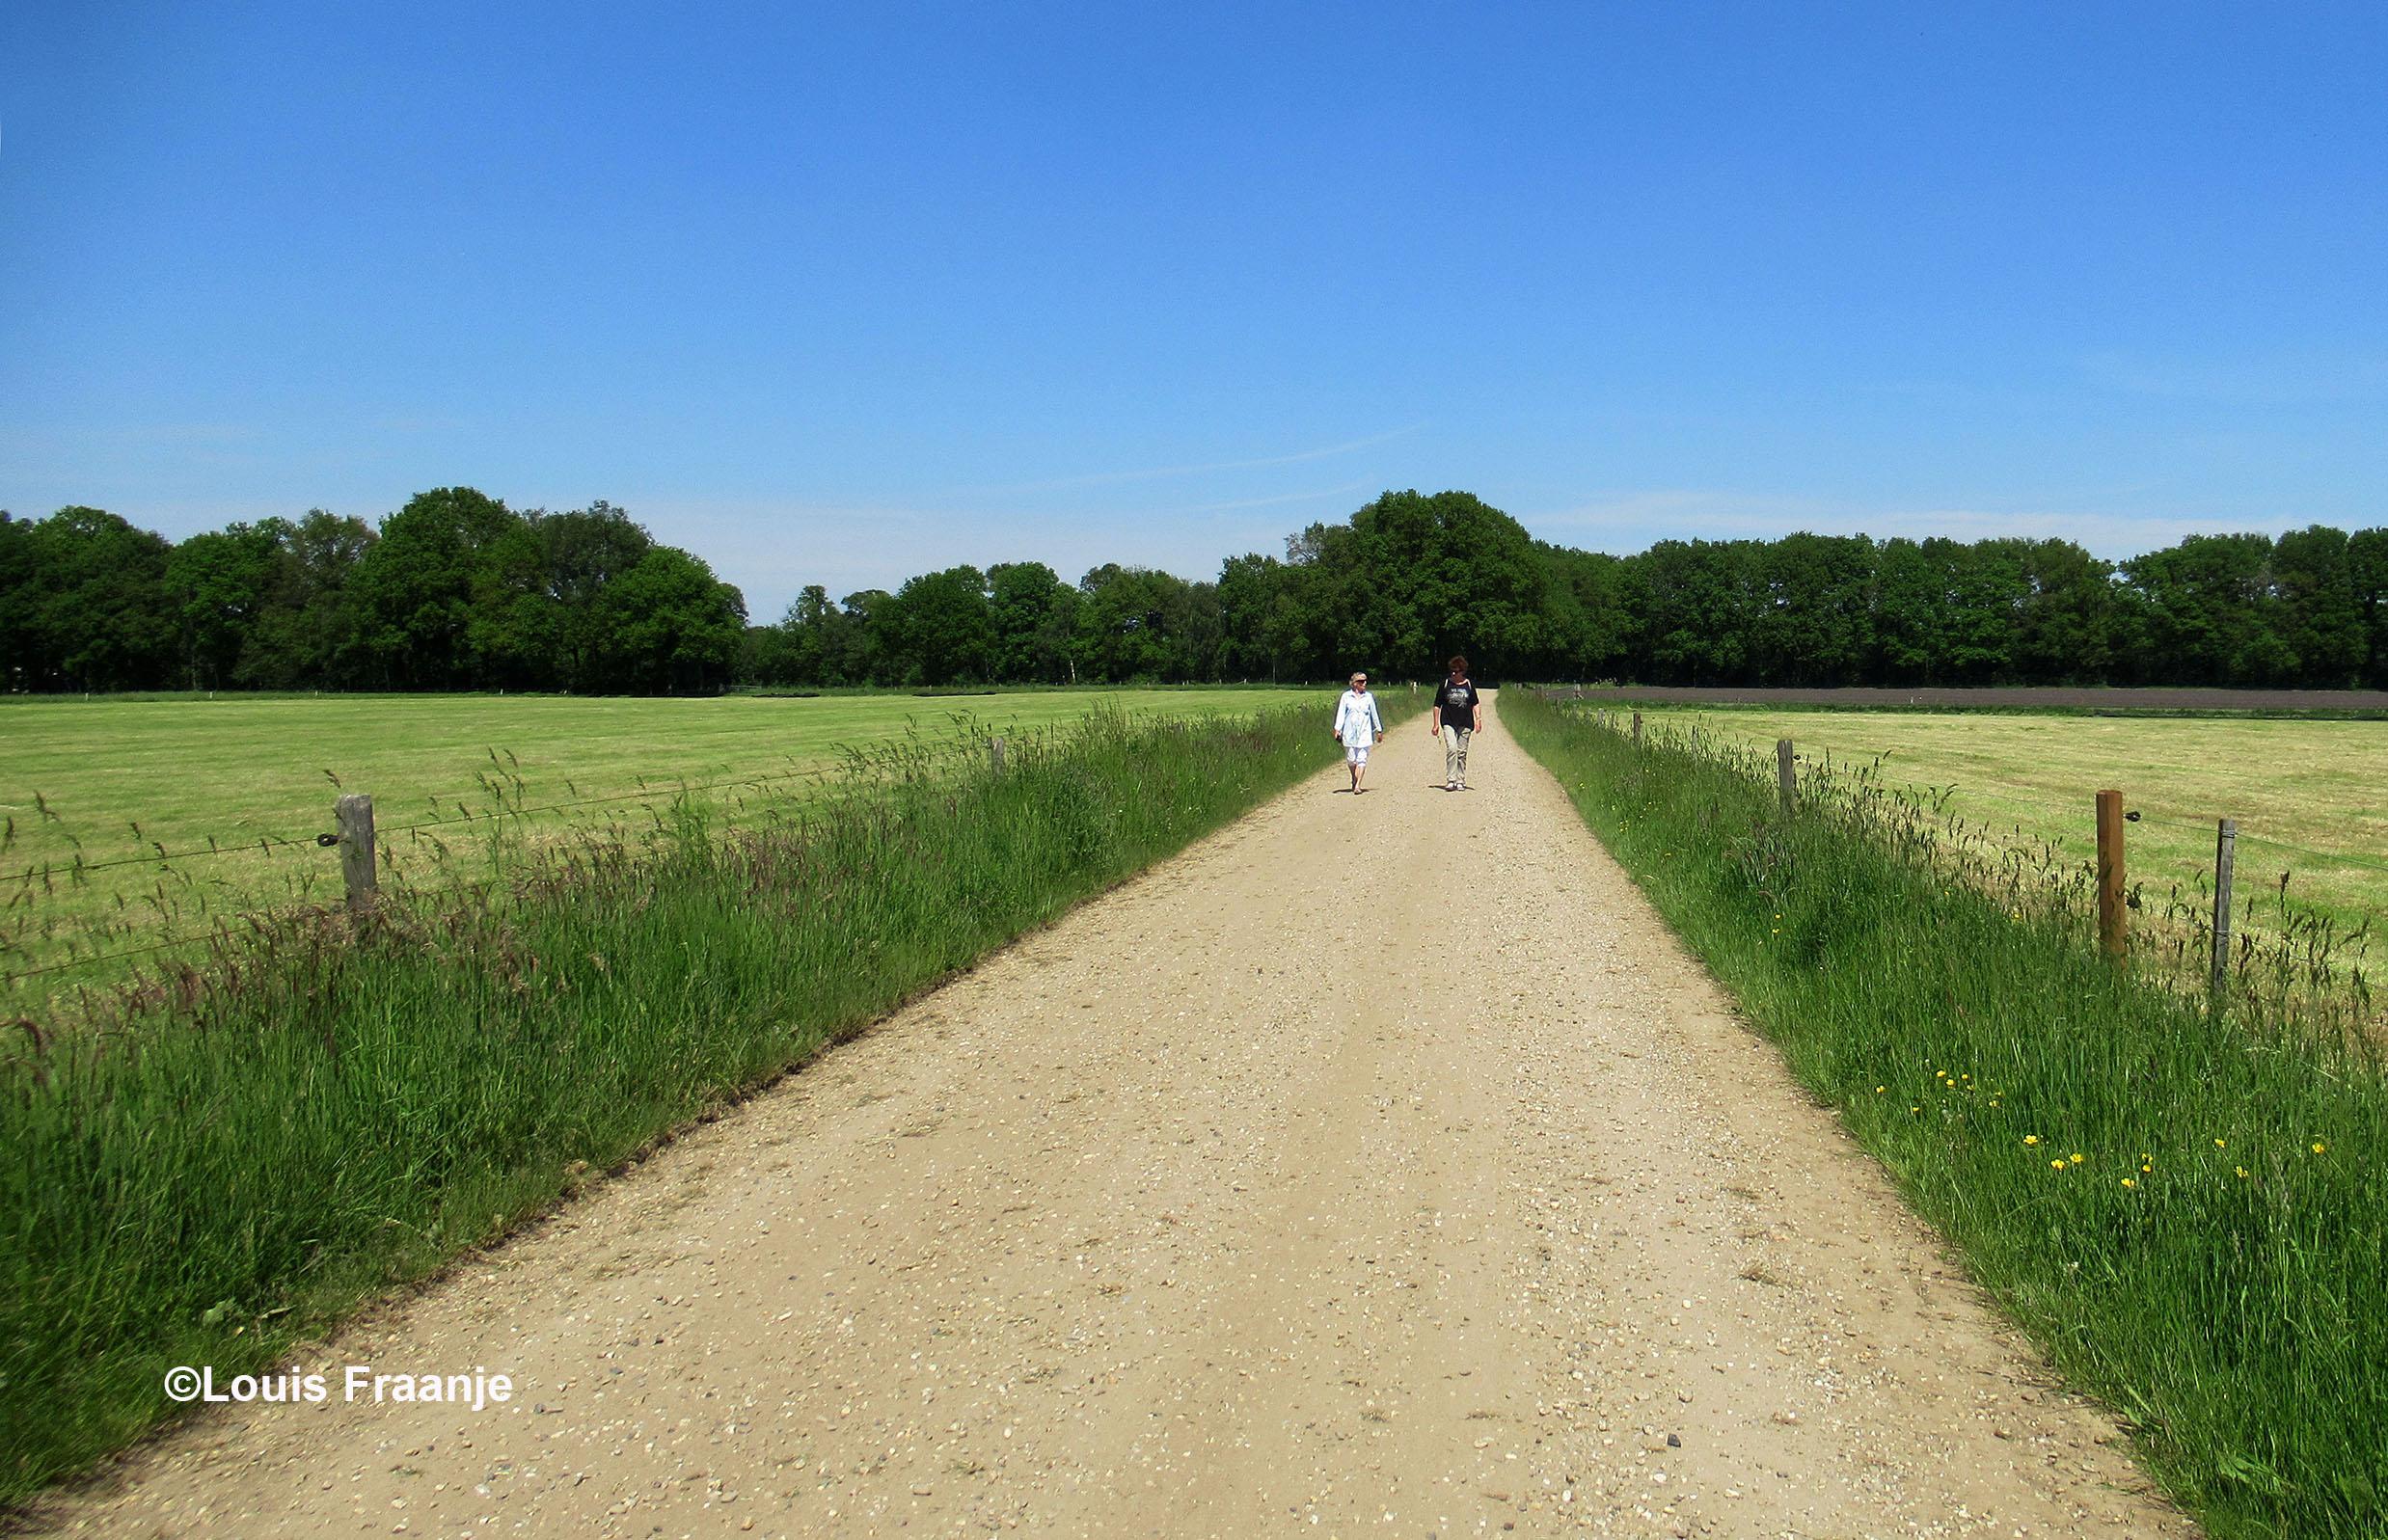 Als we dan uiteindelijk op het Schoolpad terecht zijn gekomen is het einde van de wandeling bijna een feit - Foto: ©Louis Fraanje